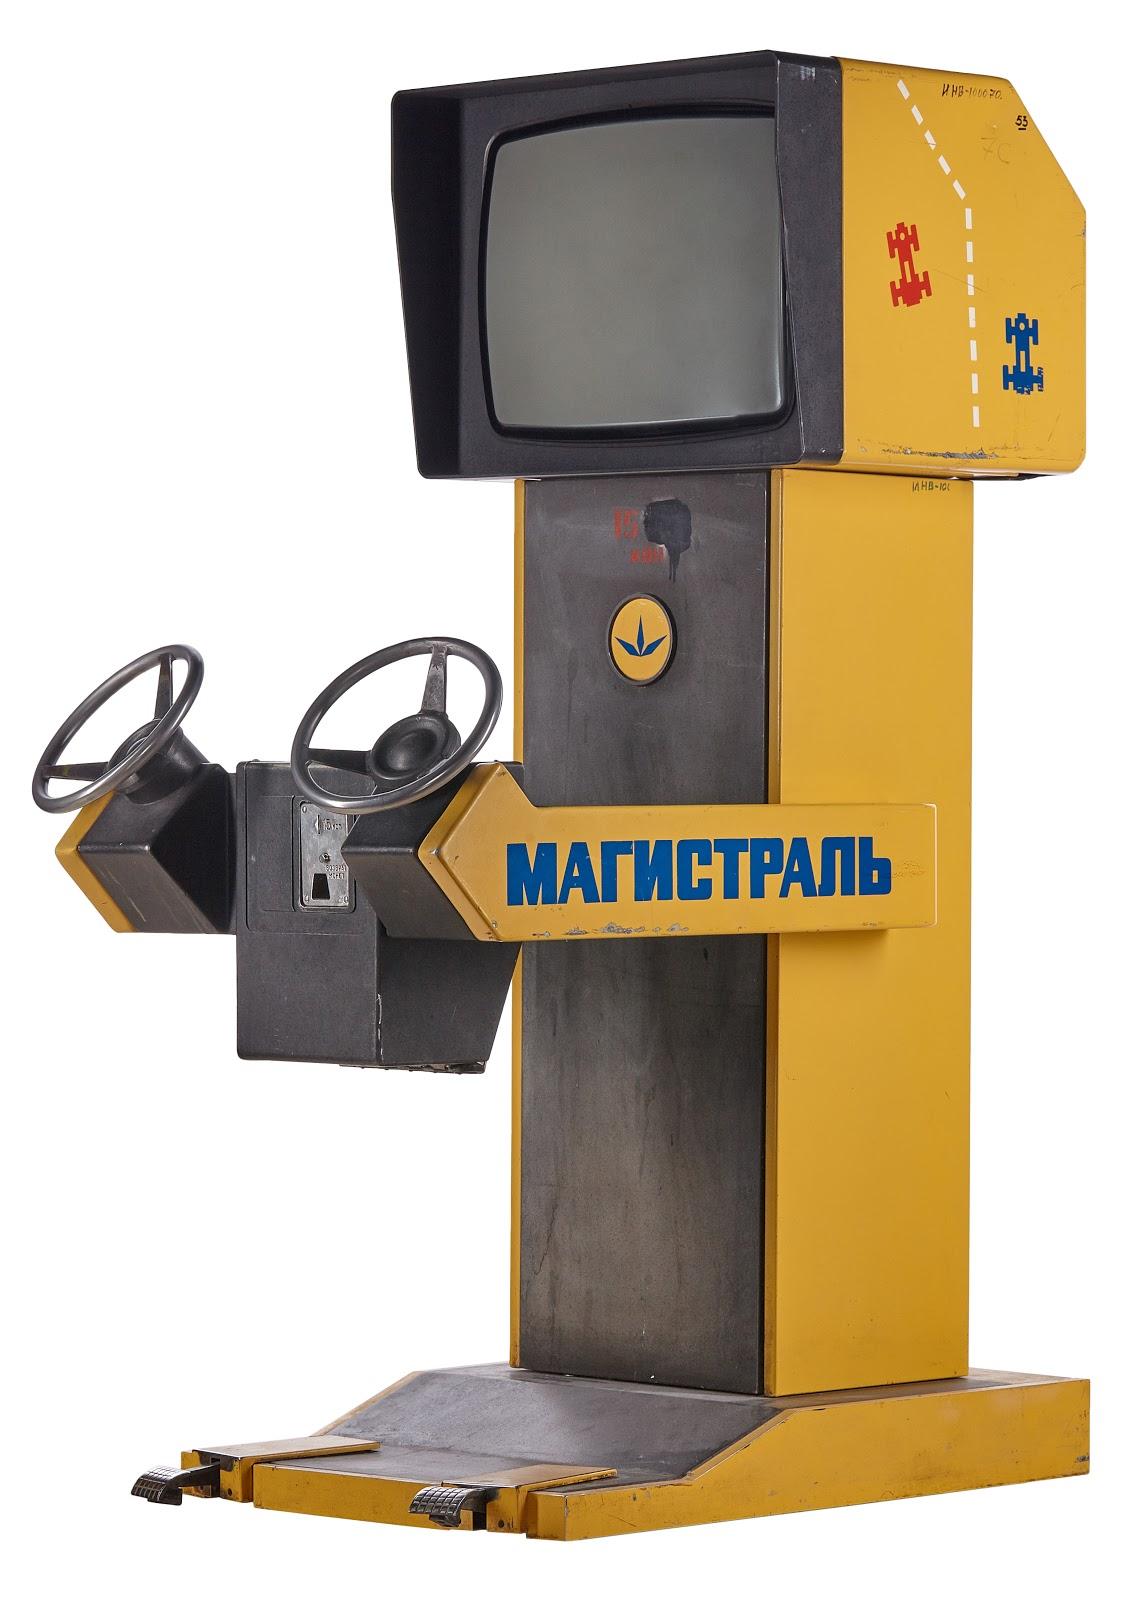 Аладин игровые автоматы